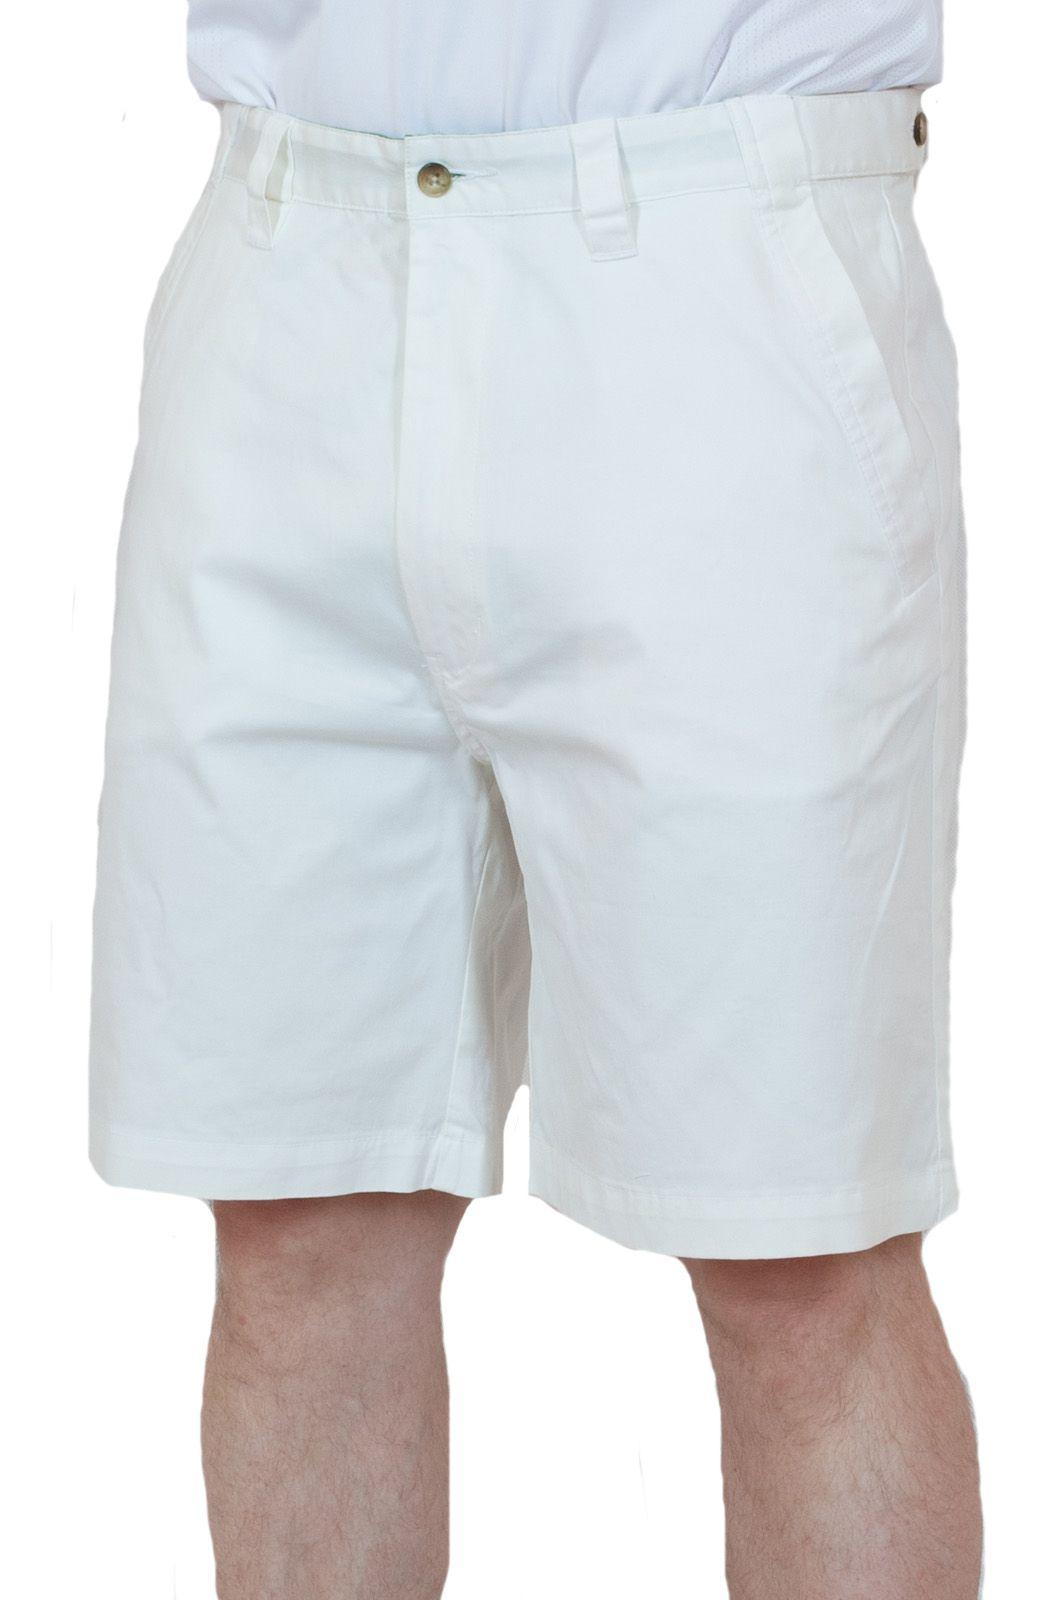 Белые мужские шорты для летнего отпуска